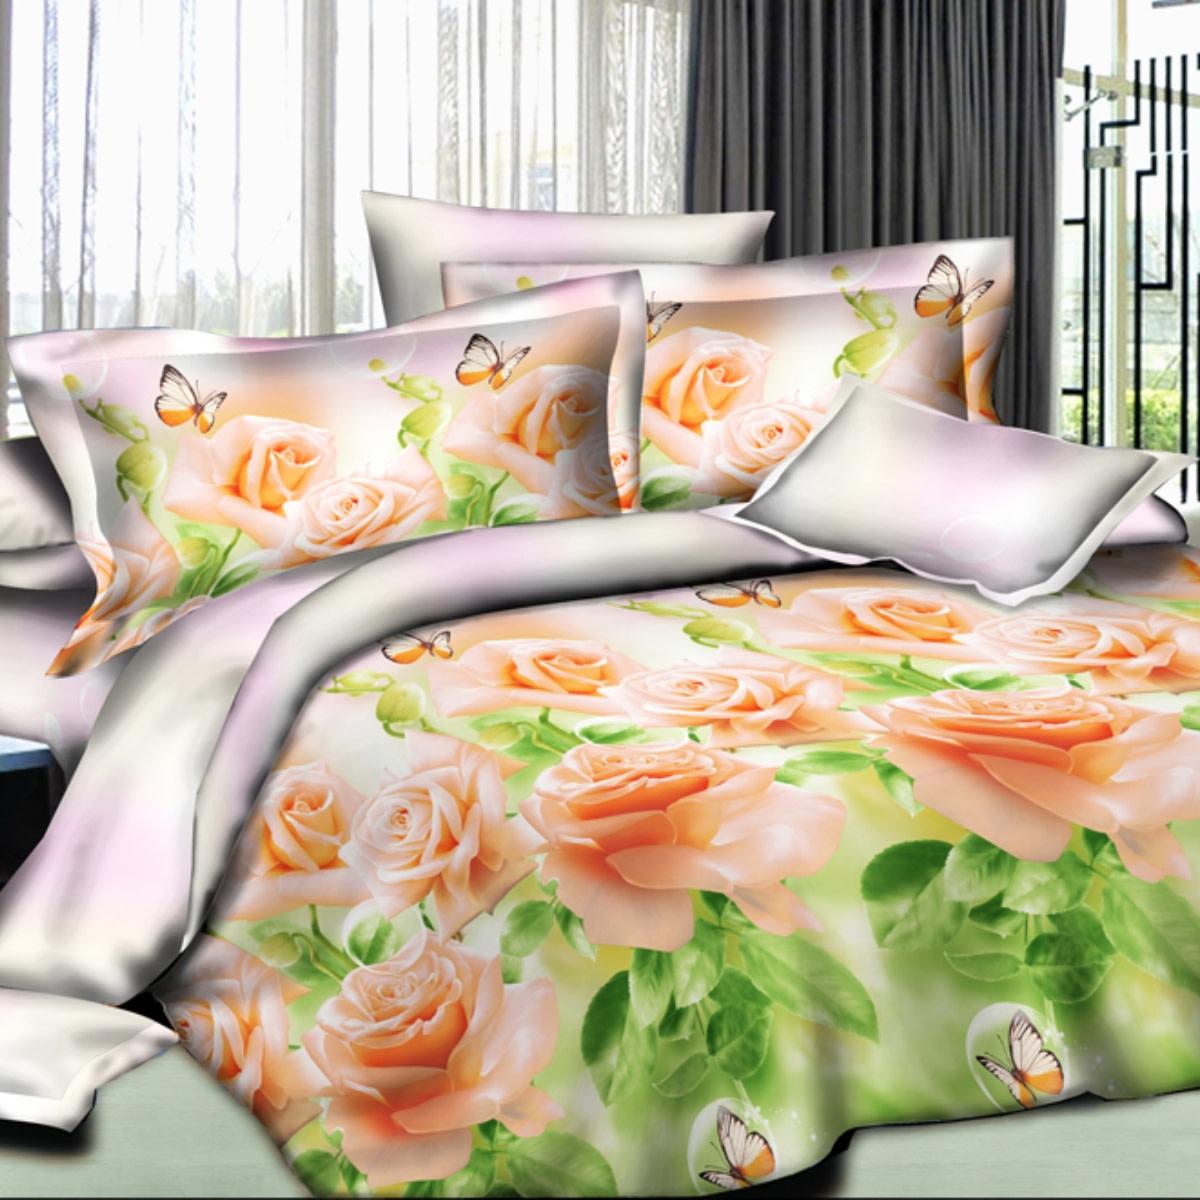 Комплект постельного белья Letto евро сатин 70x70 см